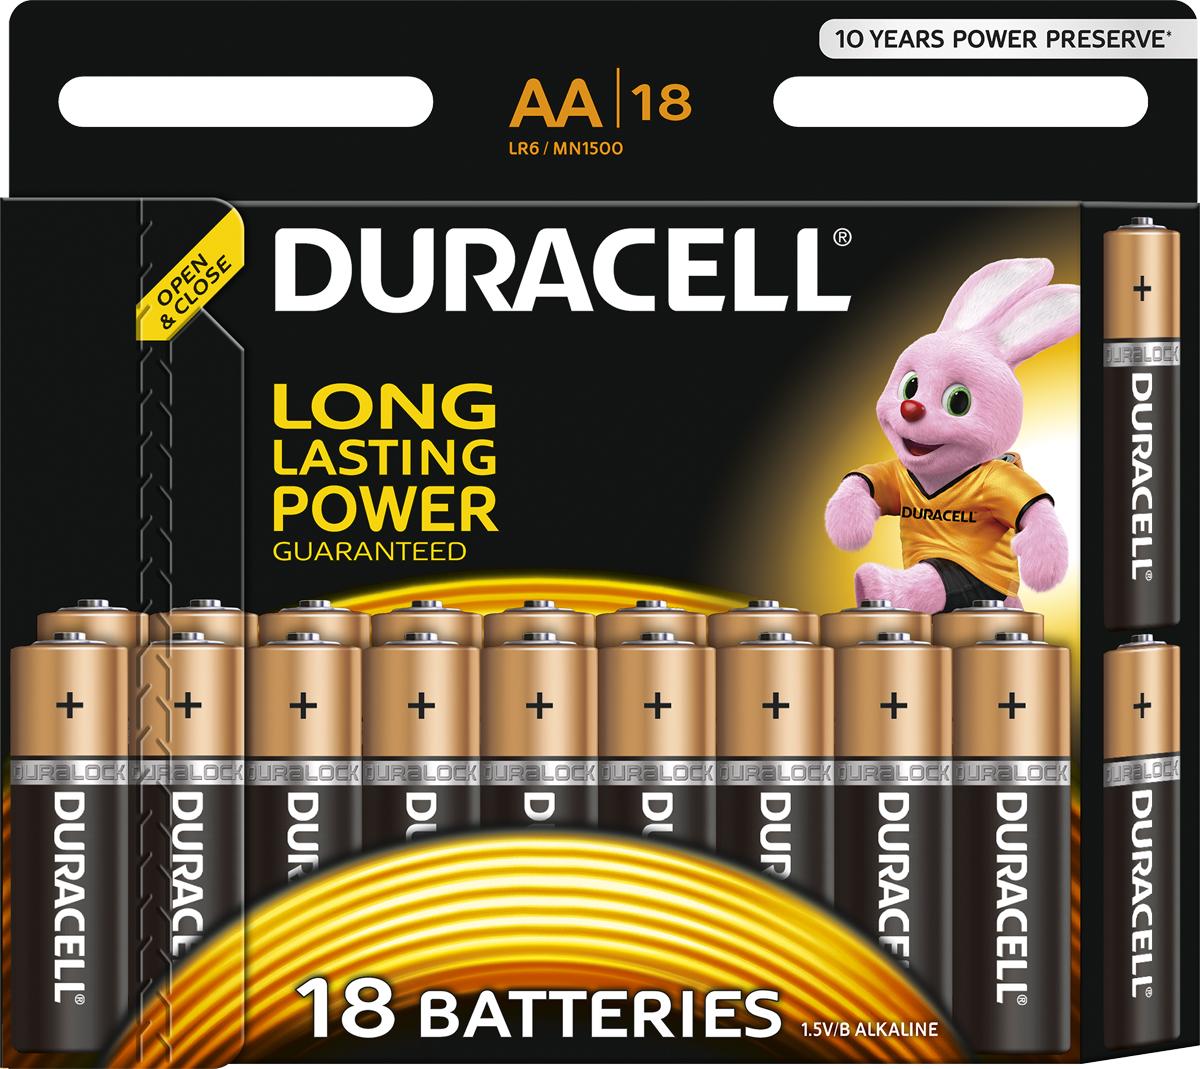 Набор щелочных батареек Duracell Basic, тип АА, 18 шт81483682Duracell предлагает широкий выбор батареек для электронных устройств, требующих надежного источника питания. Батарейки Duracell размера AA - универсальные щелочные батарейки, которые станут надежным источником питания для часто используемых устройств, нуждающихся в дополнительной мощности. Благодаря особой технологии Duralock неиспользованные батарейки Duracell могут сохранять заряд до 10 лет при хранении в обычных условиях. С этими батарейками вы можете полностью положиться на свое устройство. Батарейки Duracell - лучший выбор, если вы ищете надежный и долговечный источник питания для часто используемых устройств, таких как механизированные игрушки, фонарики, портативные игровые консоли, пульты дистанционного управления, CD-плееры. Особенности:- Щелочные батарейки Duracell размера AA - до 40% дополнительной мощности (по результатам тестов с использованием элементов питания LR6 на основе международного стандарта минимальной средней продолжительности разряда МЭК, 2015 г).- Батарейки Duracell - универсальные щелочные батарейки, которые подходят для часто используемых устройств.- Высококачественное внешнее нейлоновое покрытие защищает батарейки от протекания.- Благодаря особой технологии Duralock неиспользованные батарейки Duracell могут сохранять заряд до 10 лет при хранении в обычных условиях. - Представлены в размерах AA, AAA, C, D и 9V.Уважаемые клиенты!Обращаем ваше внимание на возможные изменения в дизайне упаковки. Качественные характеристики товара остаются неизменными. Поставка осуществляется в зависимости от наличия на складе.